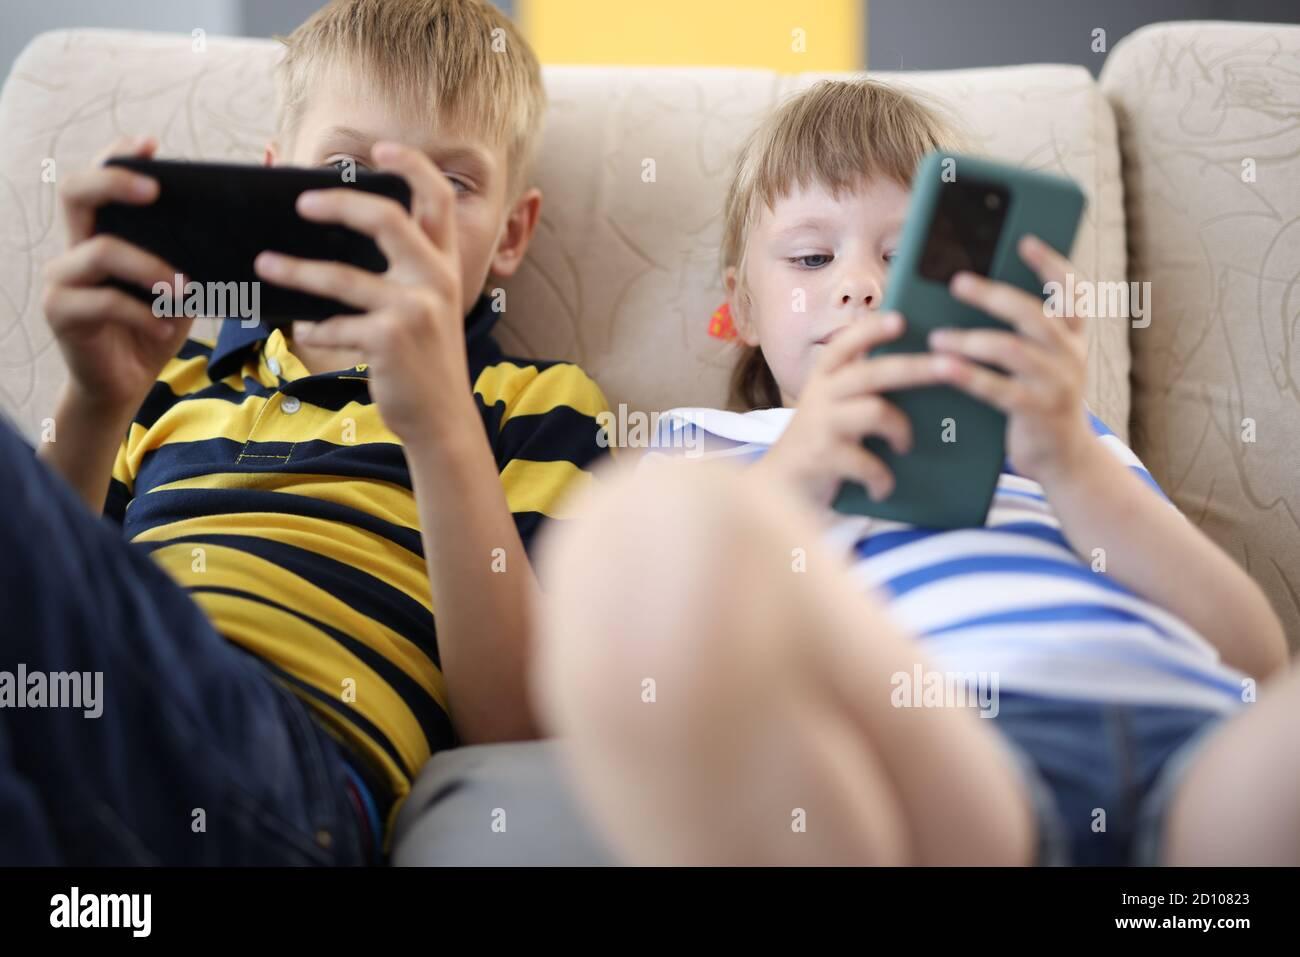 Kinder halten das mobile Gerät in den Händen und spielen. Stockfoto